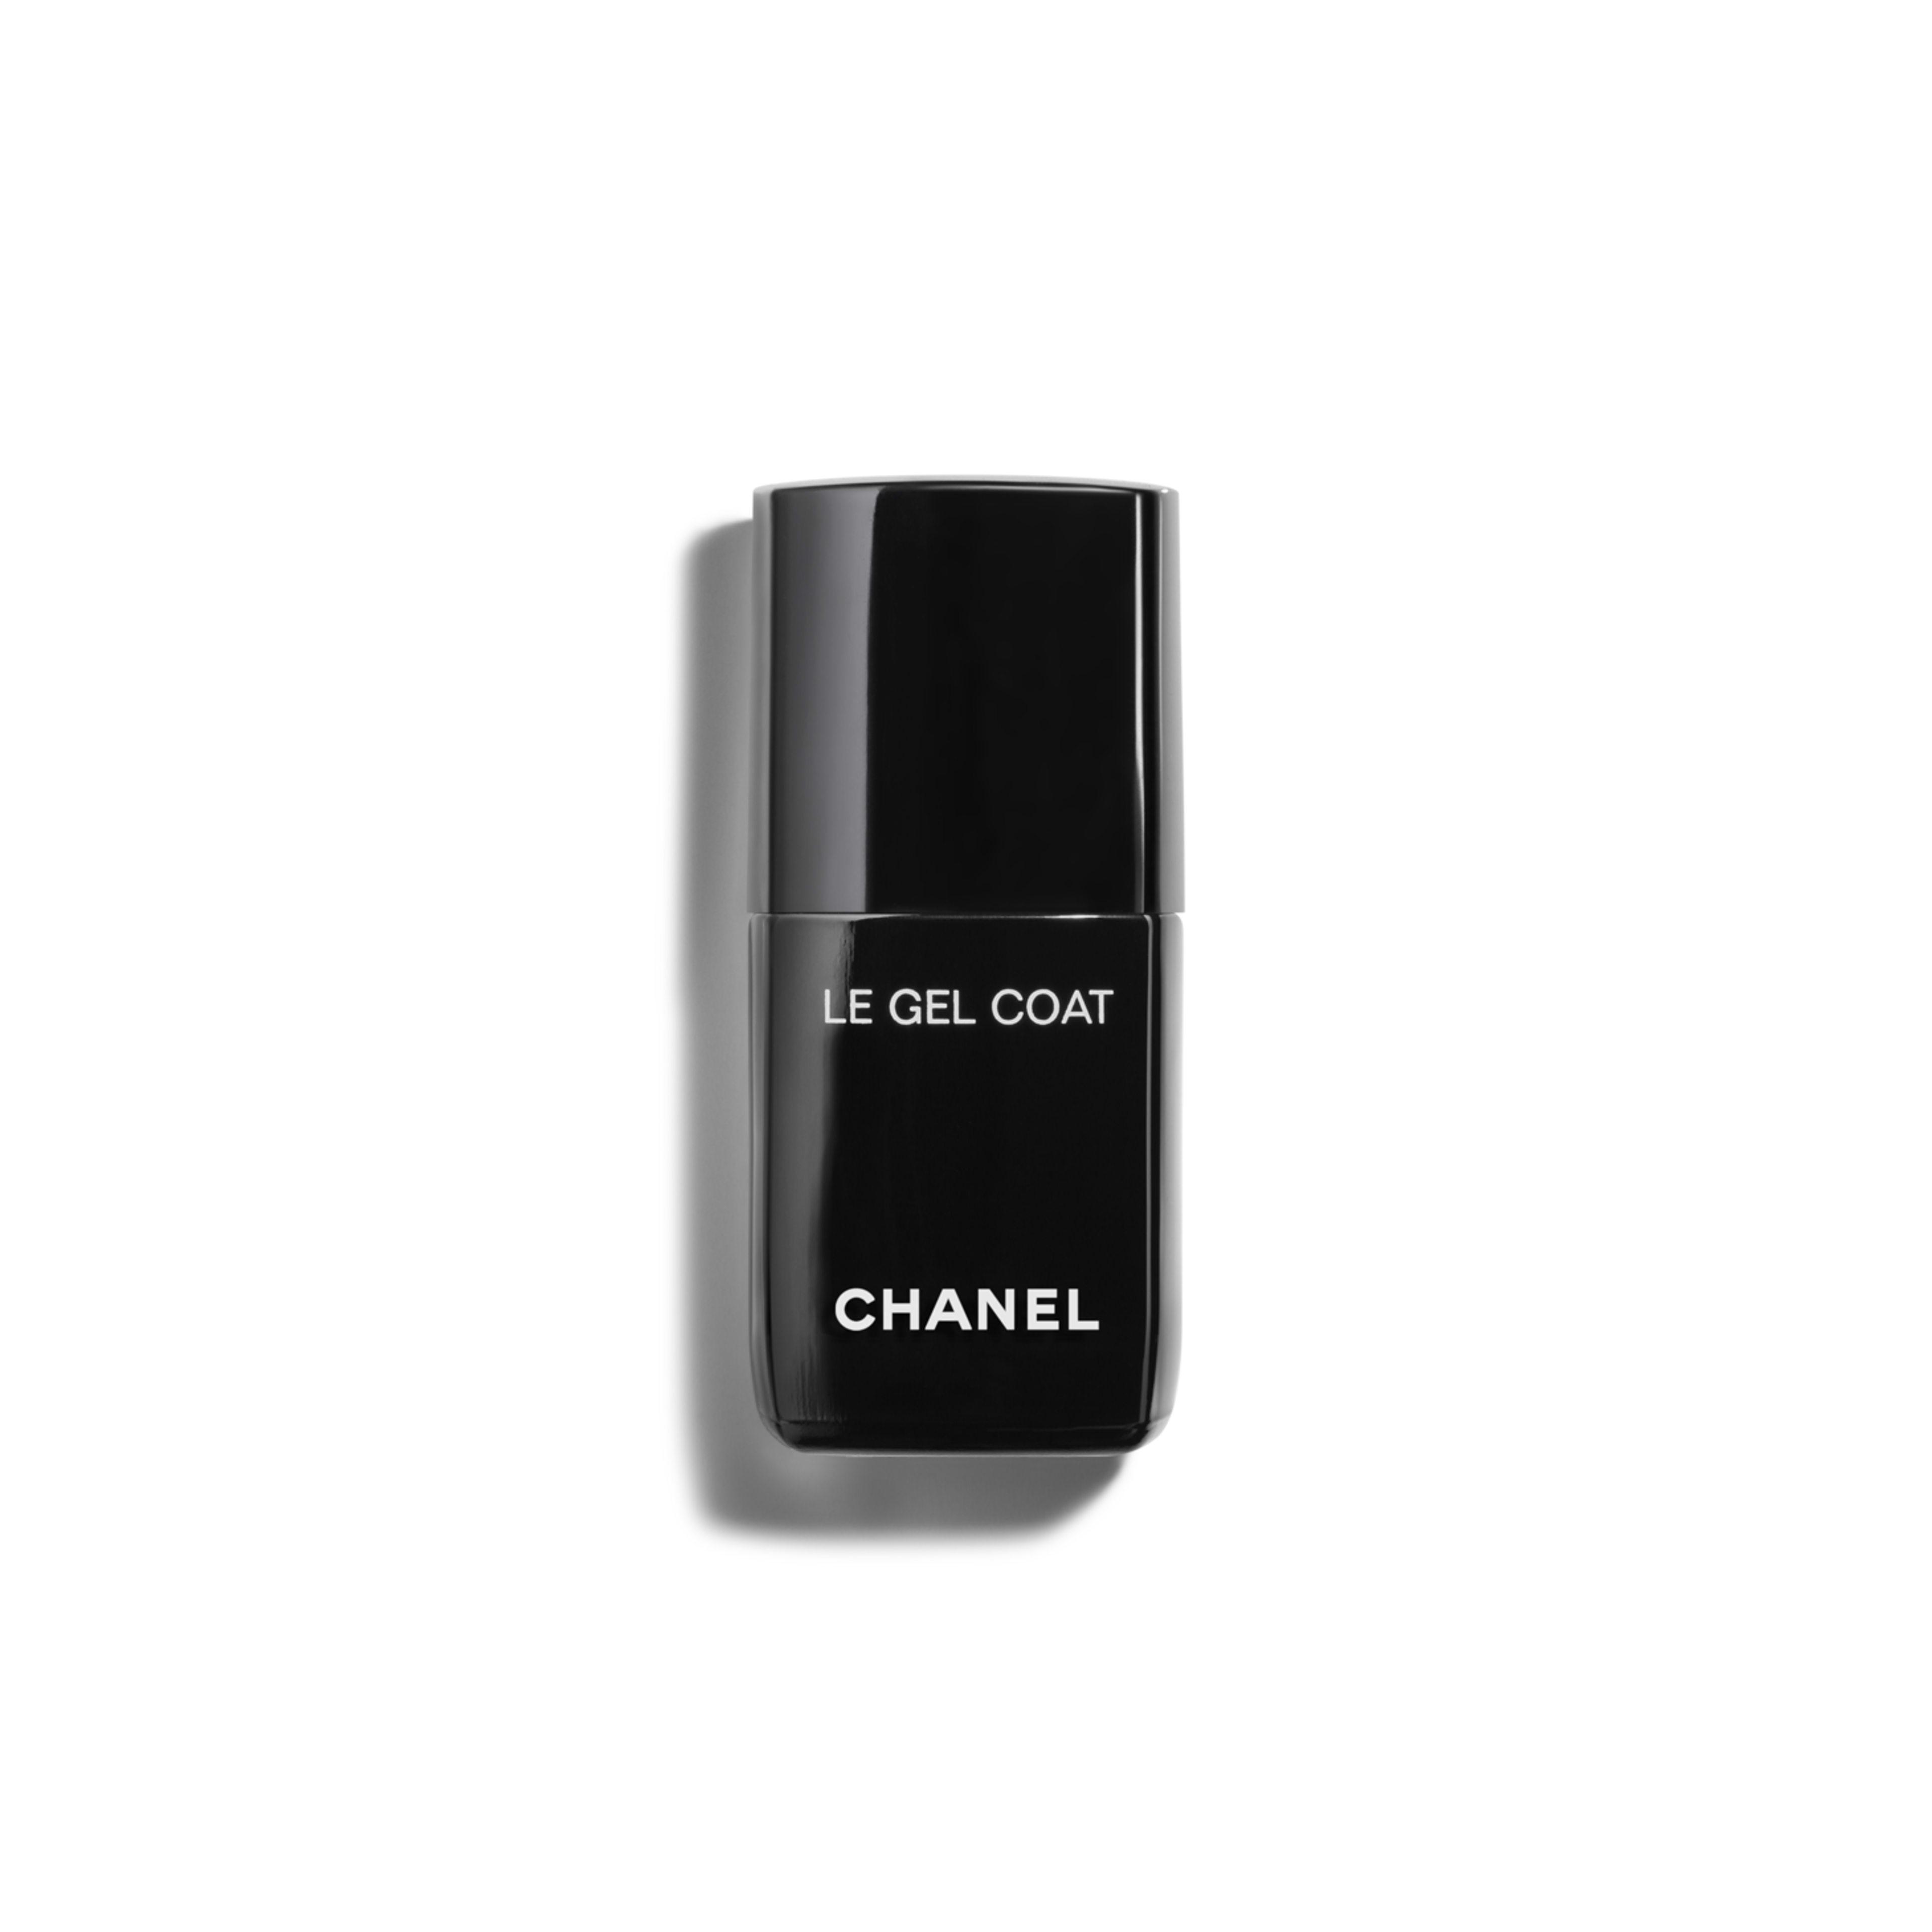 LE GEL COAT - makeup - 13ml - Default view